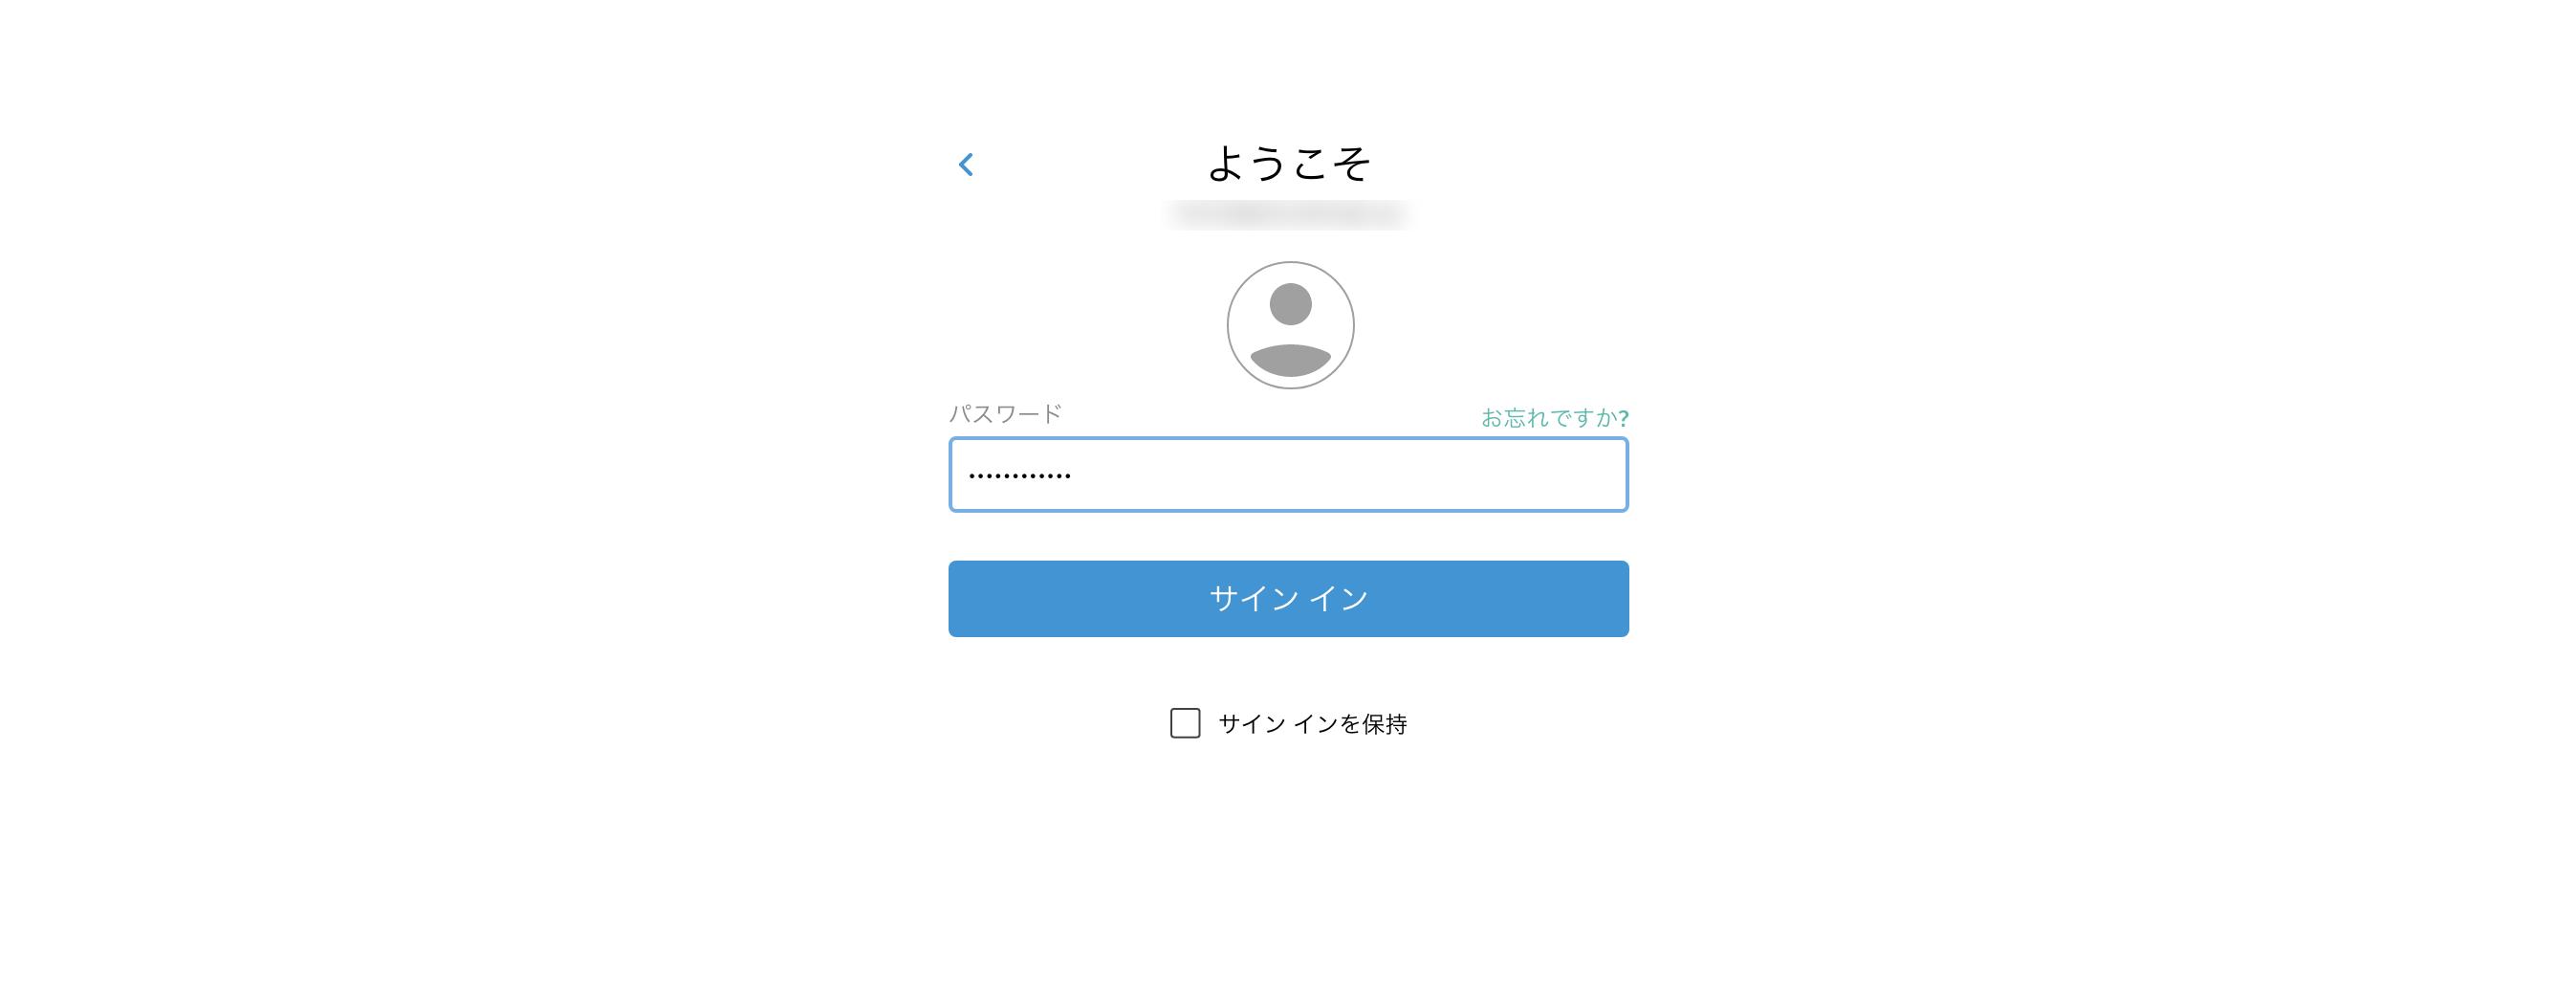 Autodeskサインイン画面(パスワード入力)